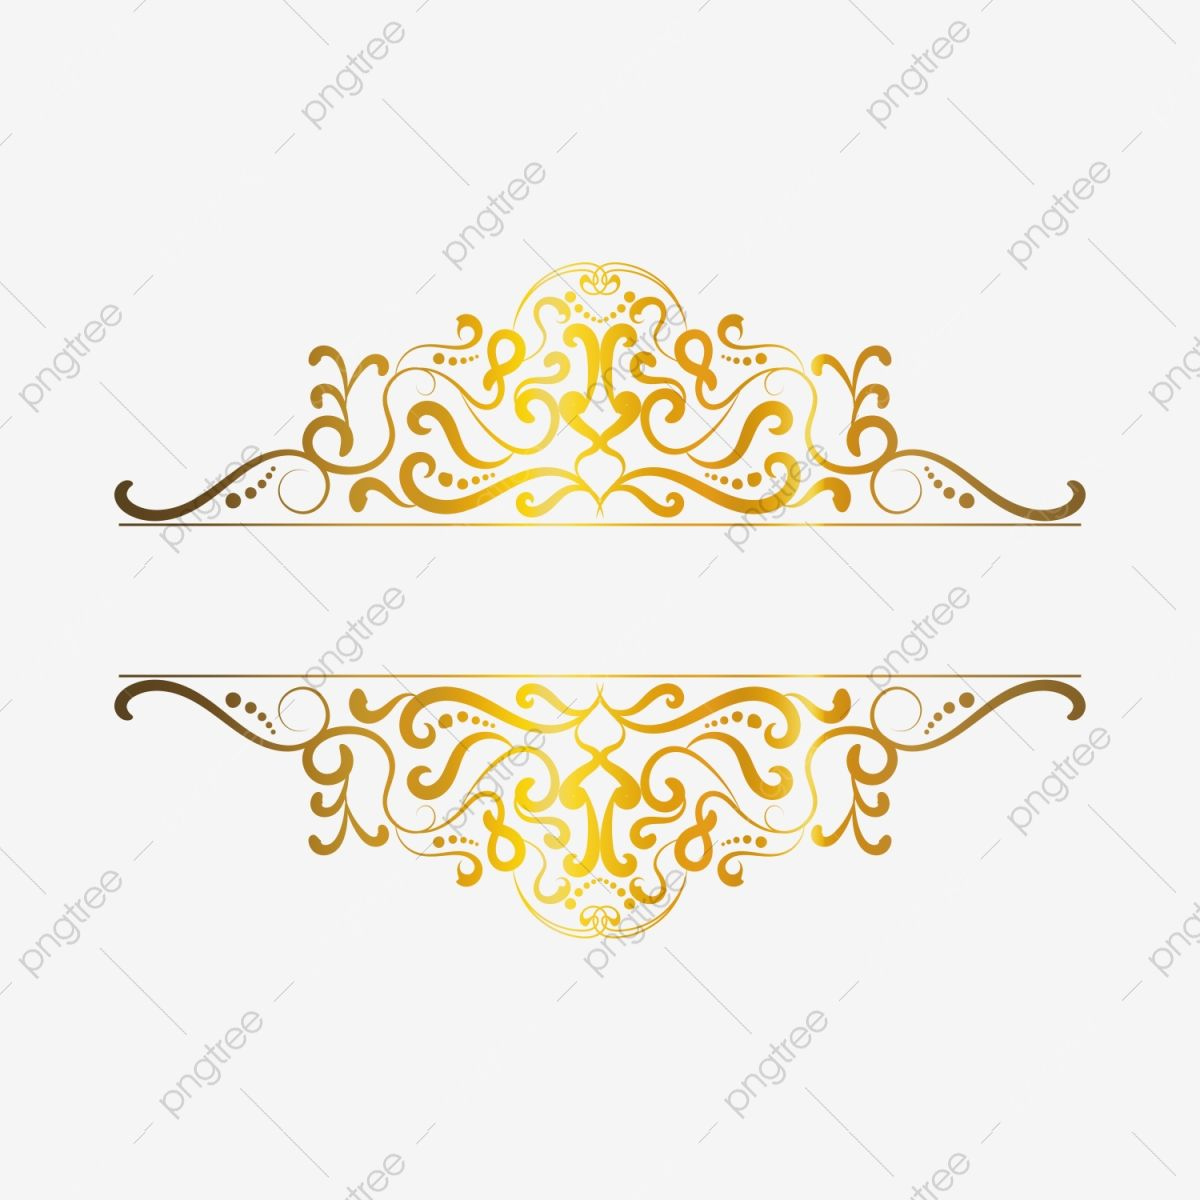 กรอบทอง Png โปร งใสสำหร บงานแต งงานหร อ ก หลาบทอง ก หลาบกรอบทอง กรอบภาพ Png และ Psd สำหร บดาวน โหลดฟร Gold Photo Frames Rose Gold Painting Rose Gold Frame